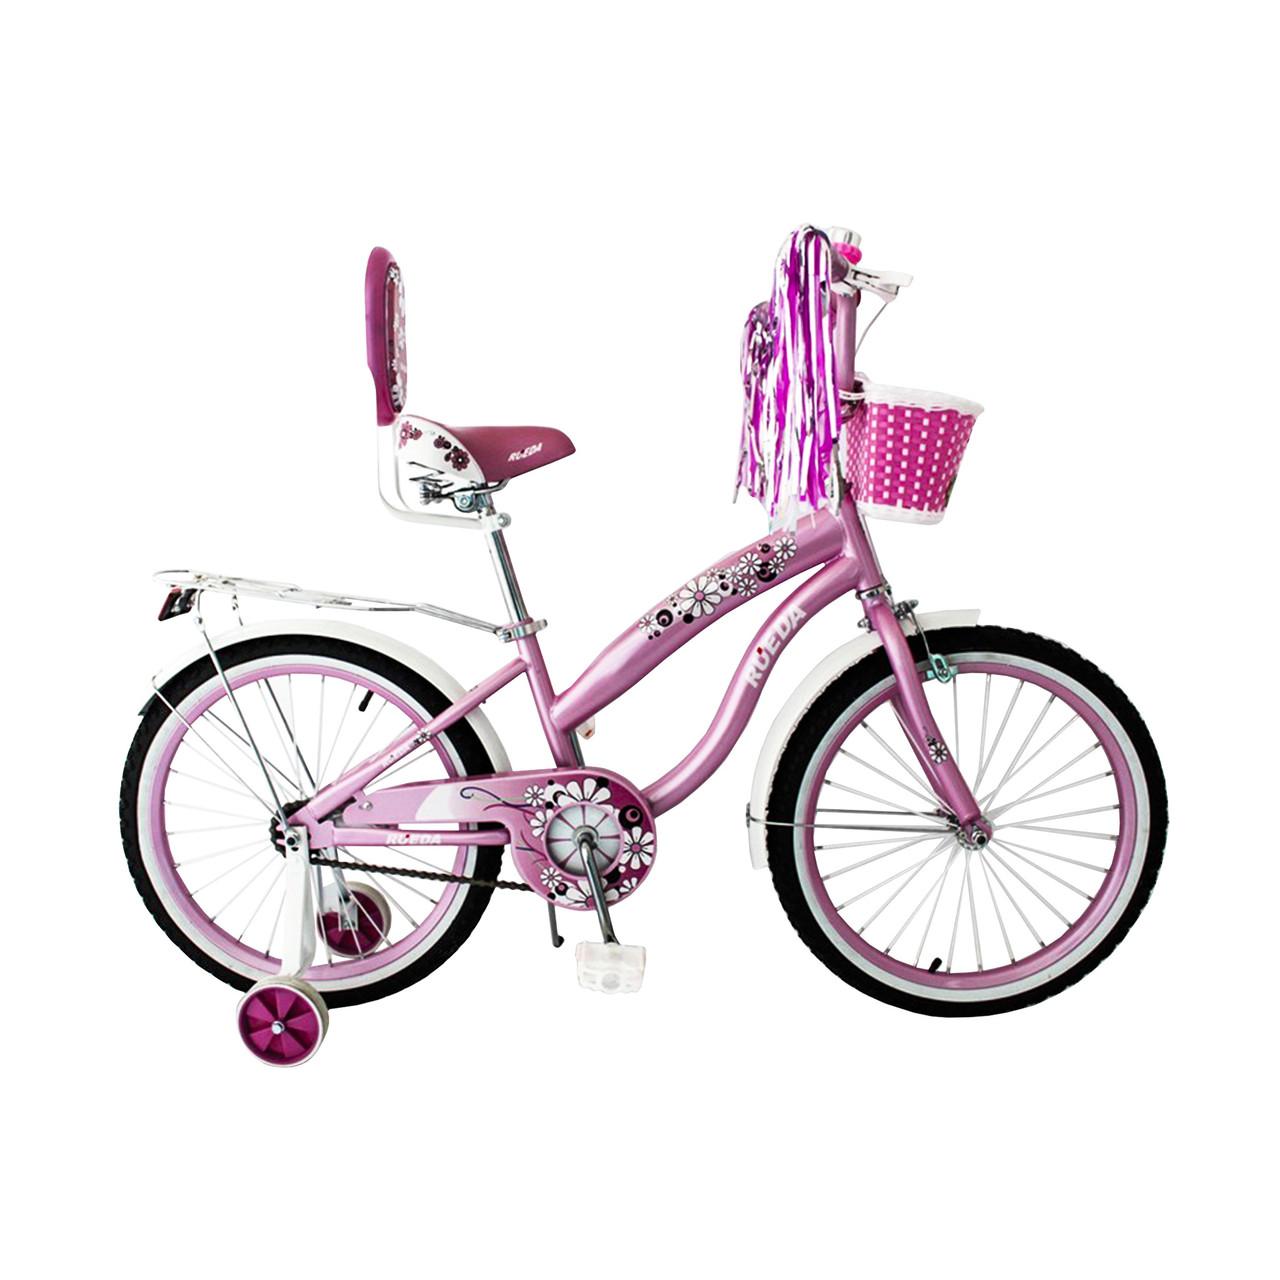 Испанский детский розовый велосипед с корзинкой RUEDA 20 дюймов (Цветочек) от 10 лет